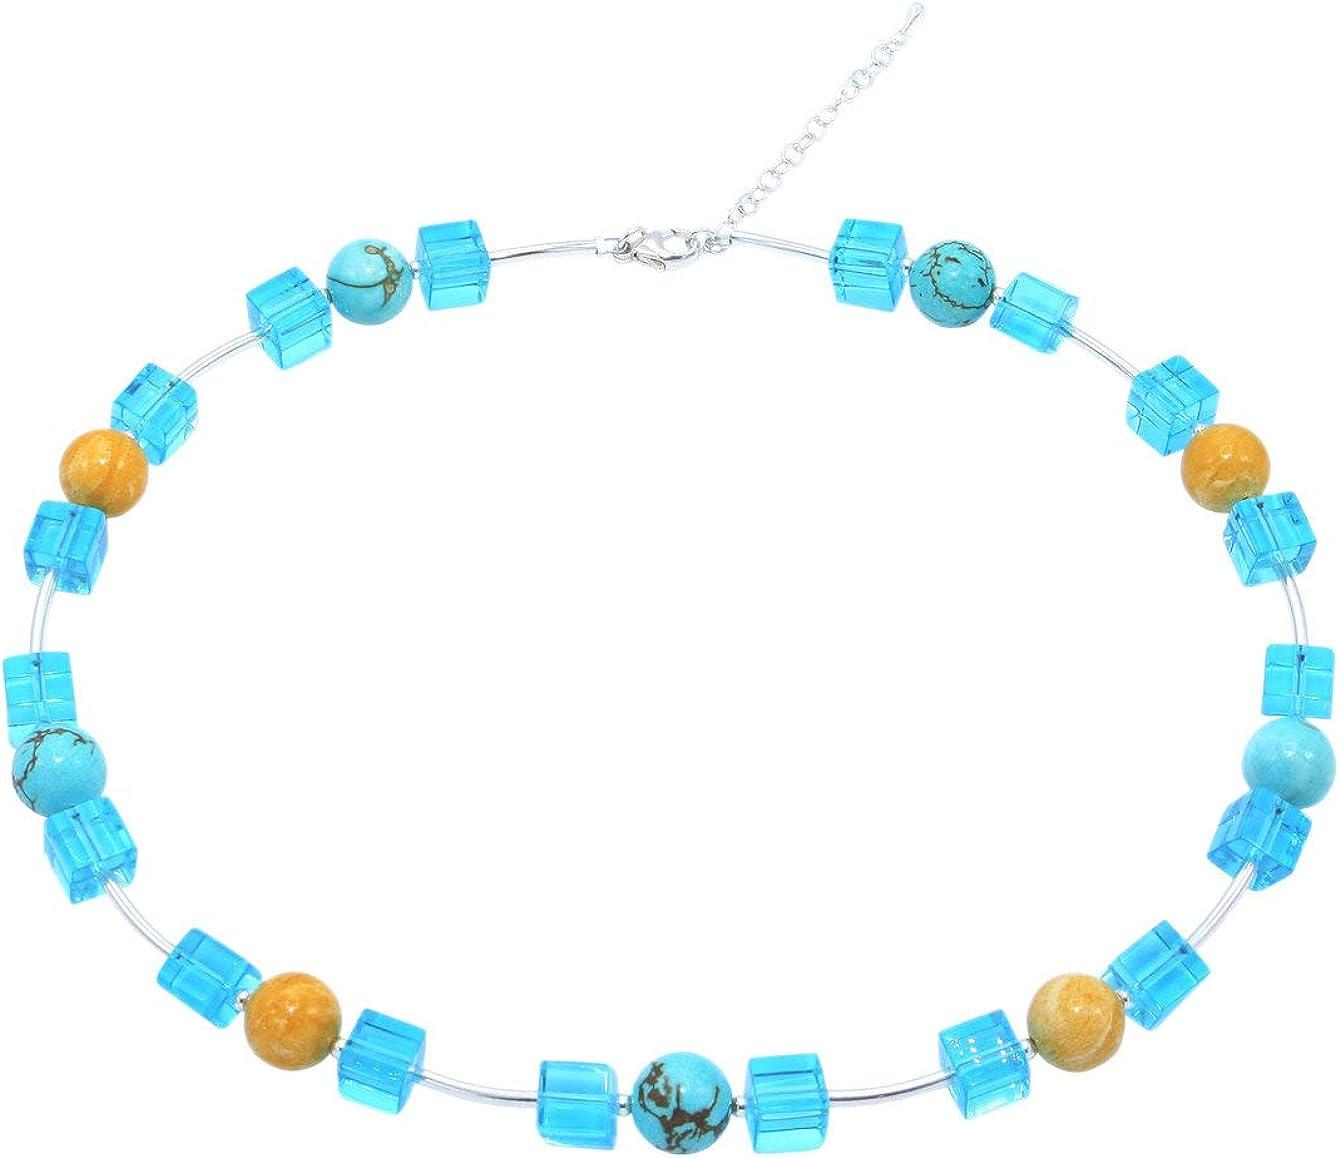 helíades Azul Ámbar de cristal de color turquesa cadena Collar con Cubes y bolas para mujer